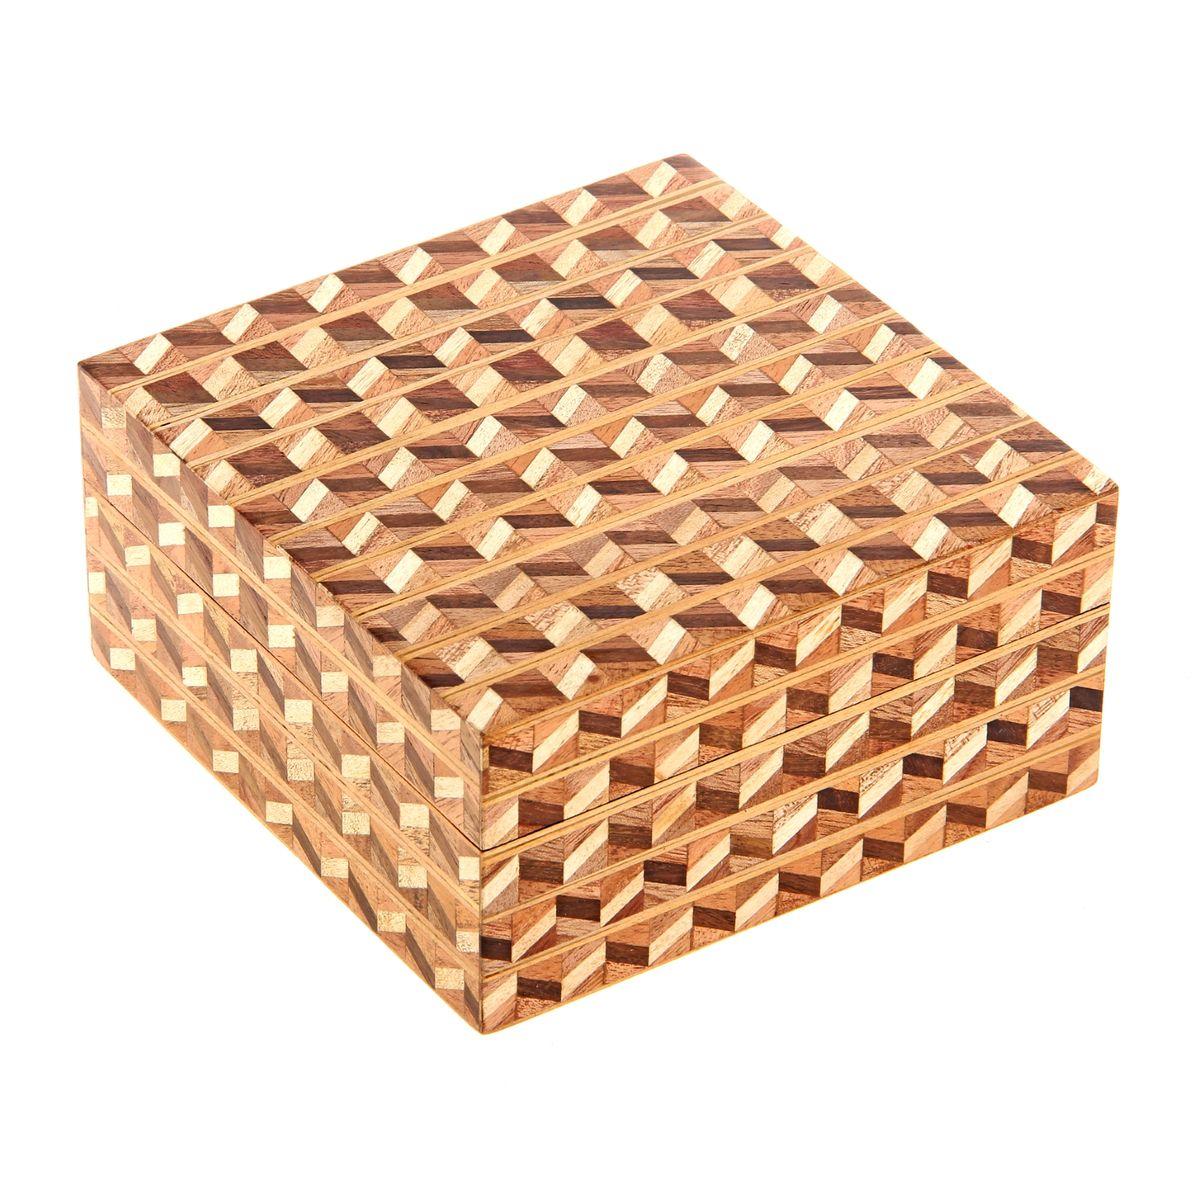 Шкатулка Sima-land Паркет, 13 см х 13 см х 6,5 см877482Шкатулка Sima-land Паркет изготовлена из дерева - натурального материала, словно пропитанного теплом яркого солнца. Изделие украшено узором. Внутри одно отделение. Такая шкатулка - не простой сувенир. Ее функция не только декоративная, но и сугубо практическая - служить удобным и надежным местом для хранения самых разных мелочей. Разумеется, особо неравнодушны к этим элегантным предметам интерьера женщины. Мастерицы кладут в шкатулки швейные и рукодельные принадлежности. Модницы и светские львицы - любимые украшения и аксессуары. И, конечно, многие представительницы прекрасного пола хранят в шкатулках, убранных в укромный уголок, какие-то памятные знаки: фотографии, старые письма, сувениры, напоминающие о важных событиях и особо счастливых моментах, сухие лепестки роз и другие небольшие сокровища.